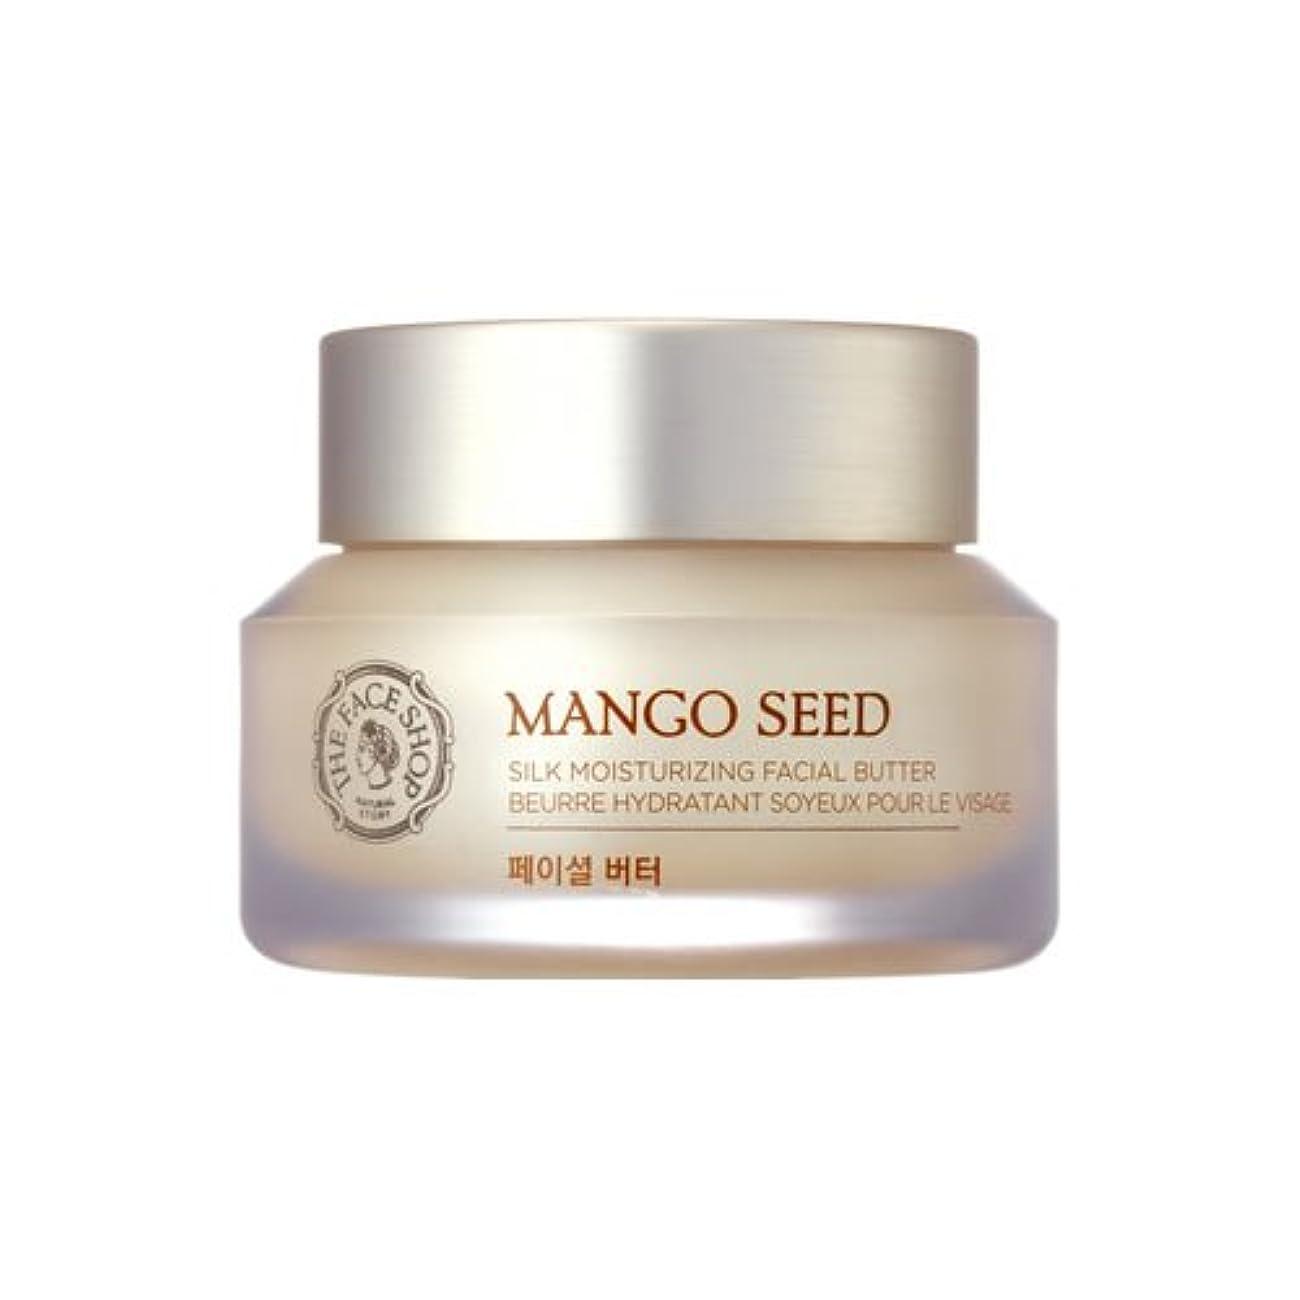 八百屋さん増幅する床を掃除するThe Face Shop ザ・フェースショップ マンゴ・シード・シルク・モイスチャーライジング・フェイシャルバター 50ml (Mango Seed Silk Moisturizing Facial Butter) 海外直送品